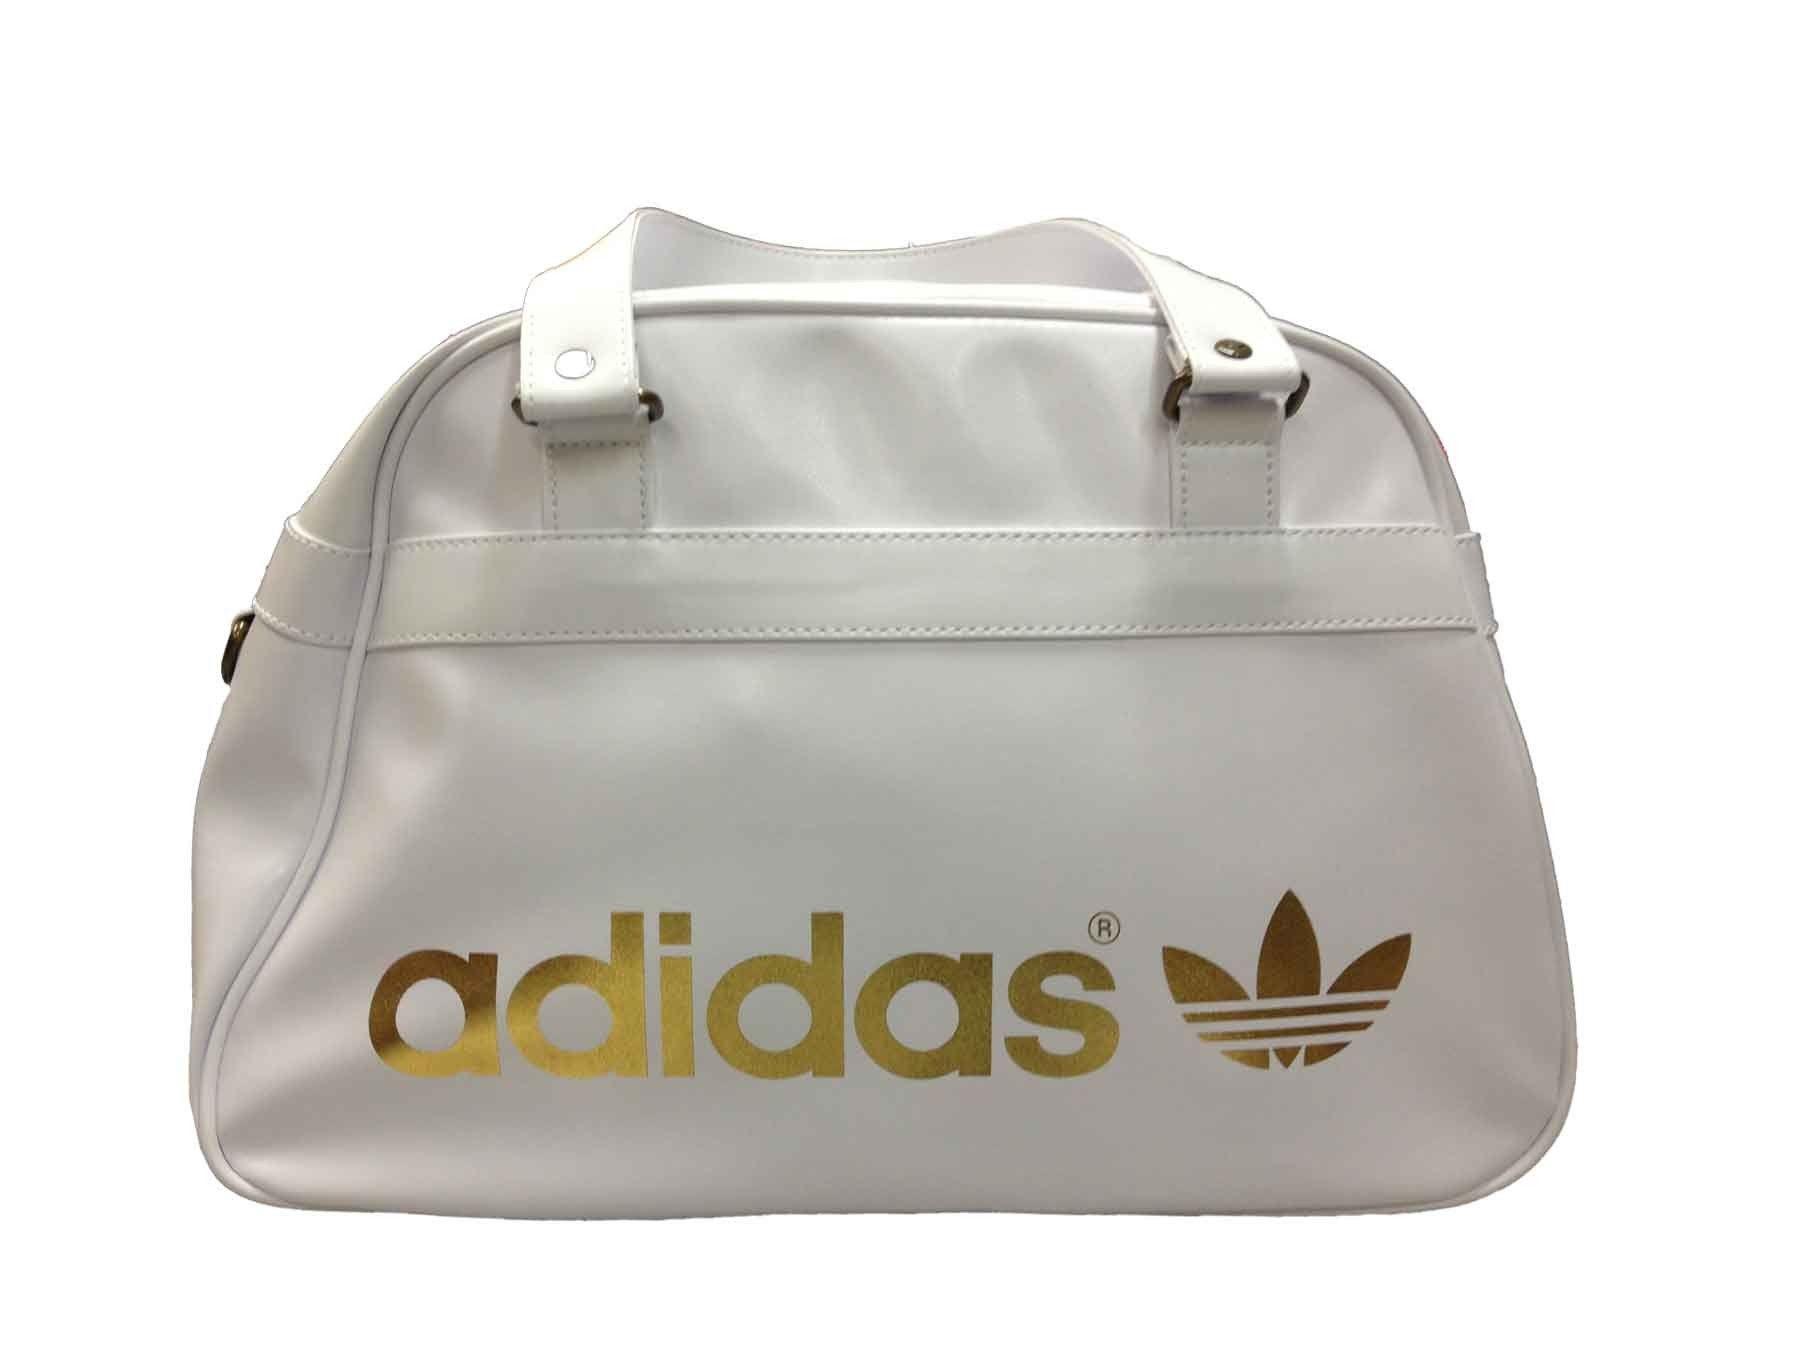 Molestia caja de cartón Jirafa  ADIDAS- BOLSO RETRO W68803 - Bolsa deporte - Accesorios | Bolso, Mochilas  deportivas, Bolsos deportivos